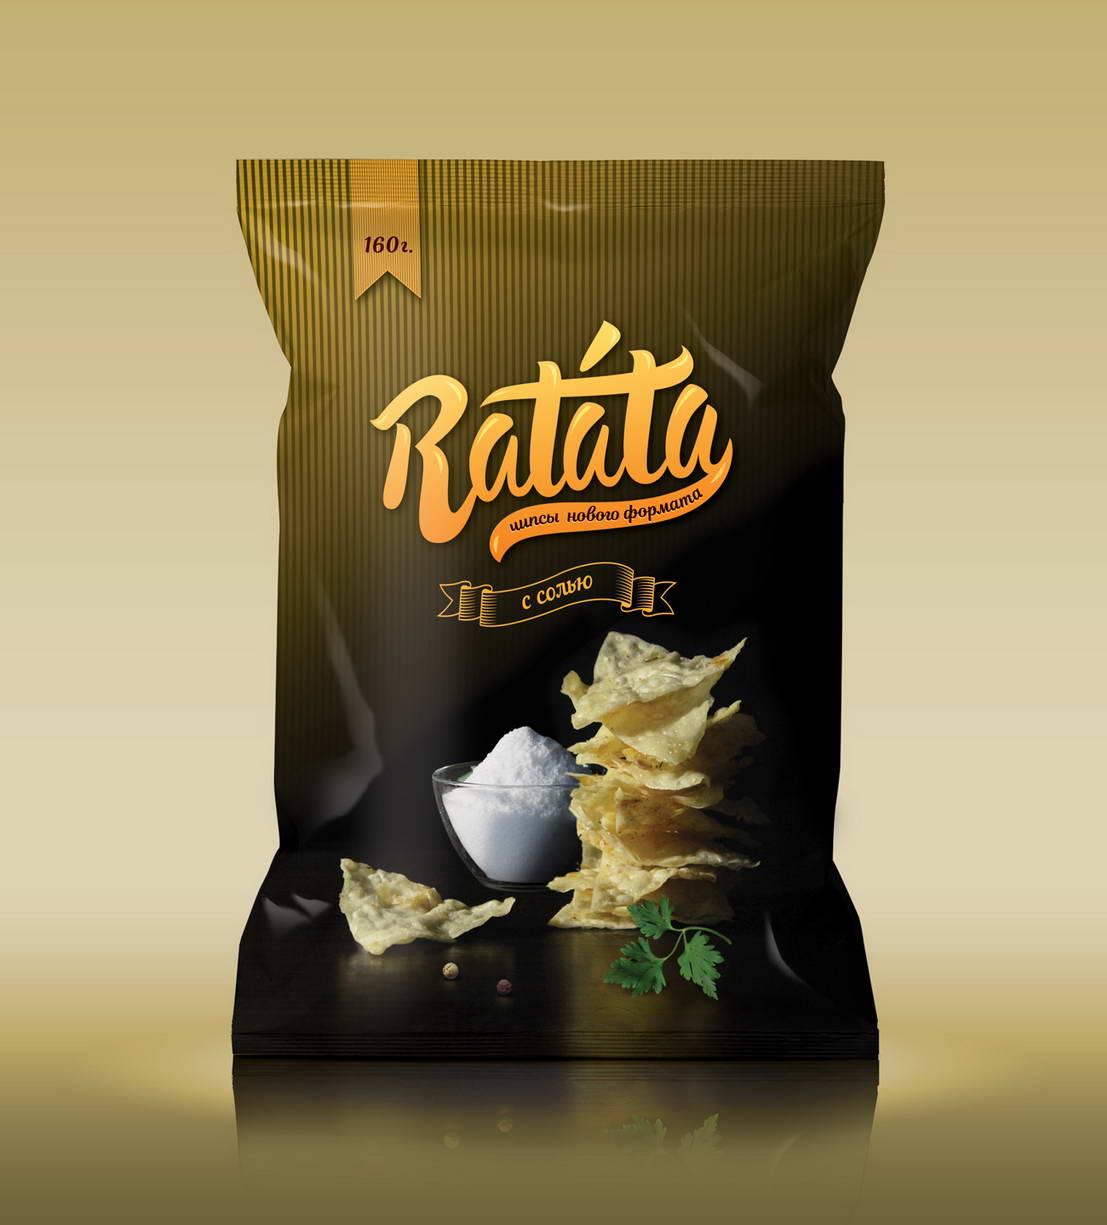 Ratata chip packaging disenyo sa asin